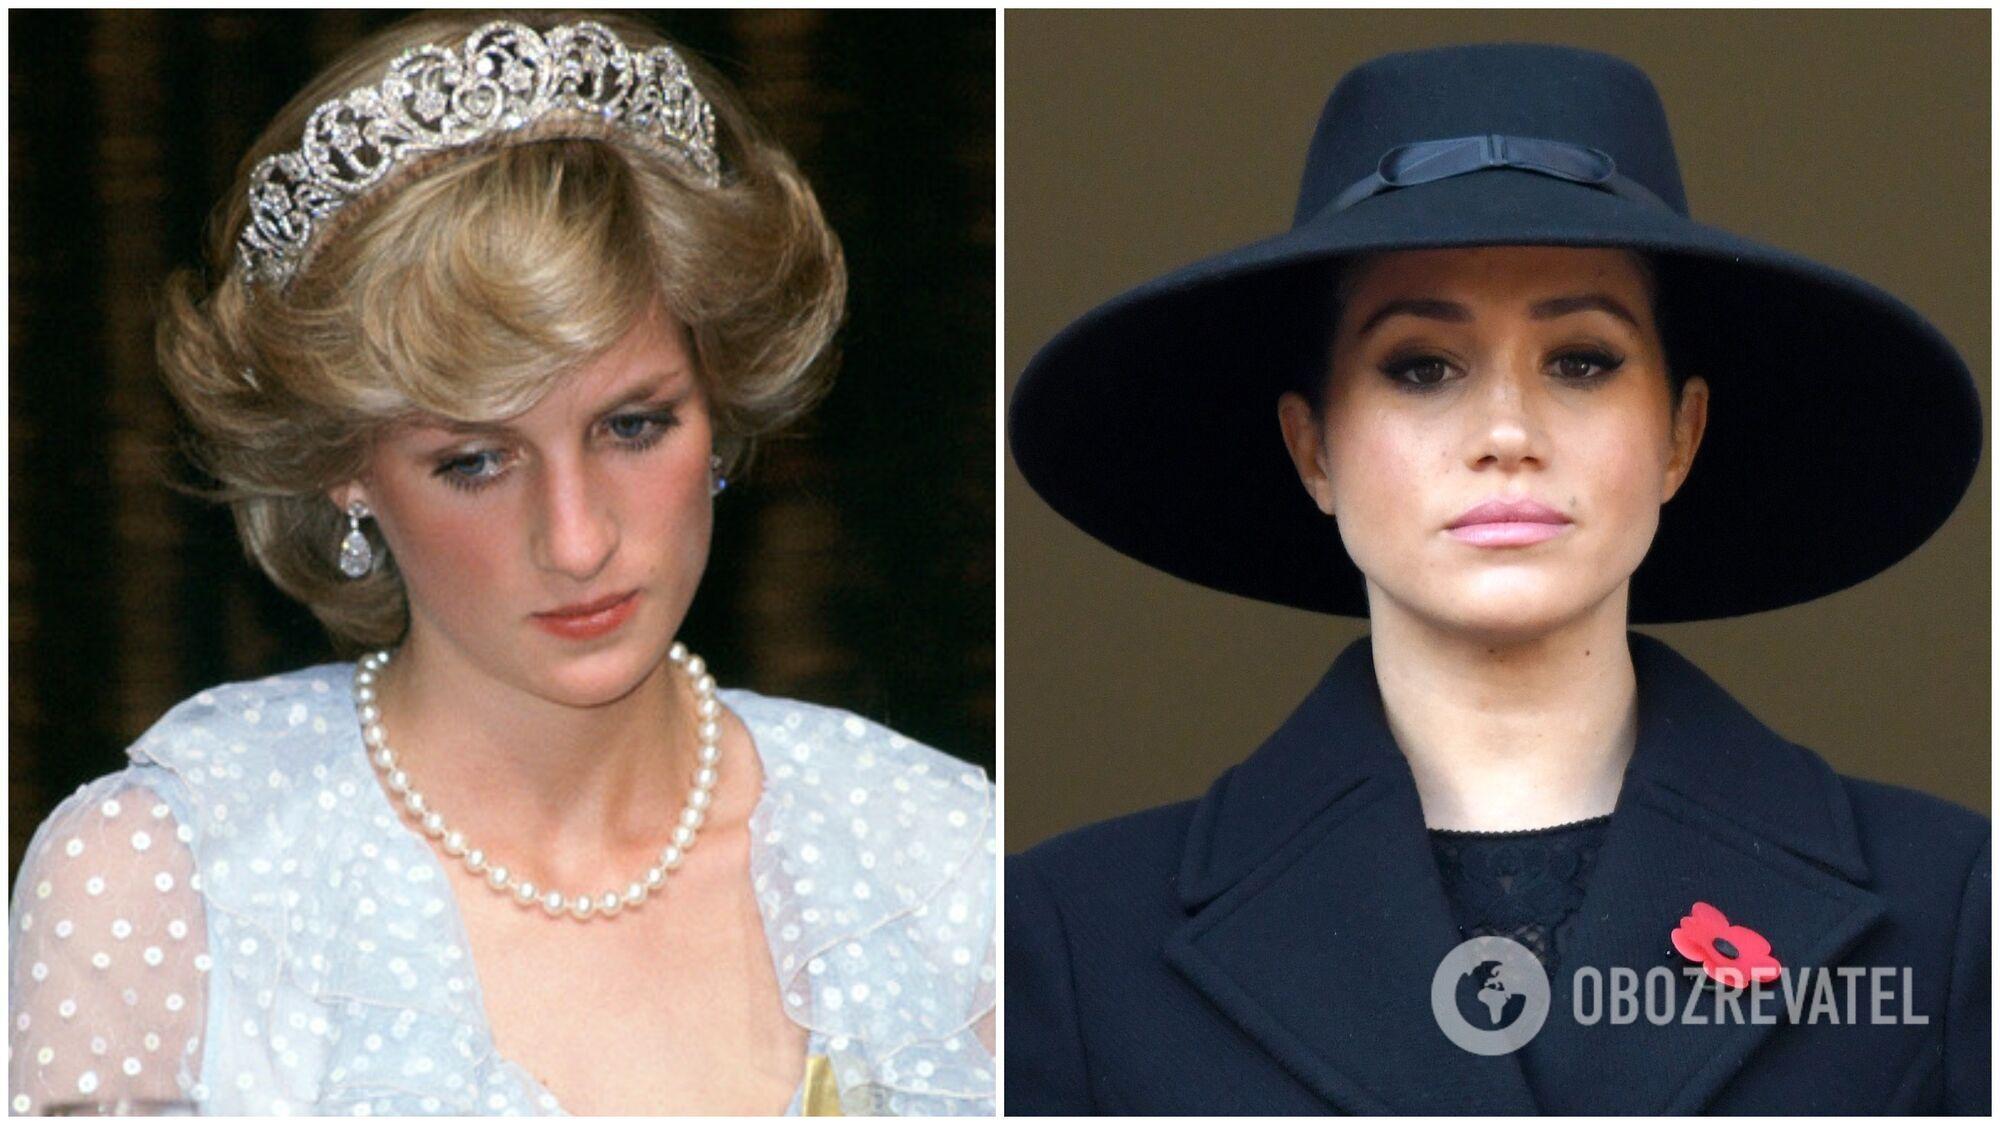 Принцеса Діана дружила з прислугою, а ось Меган Маркл, навпаки, поводилася кепсько з  персоналом обслуги